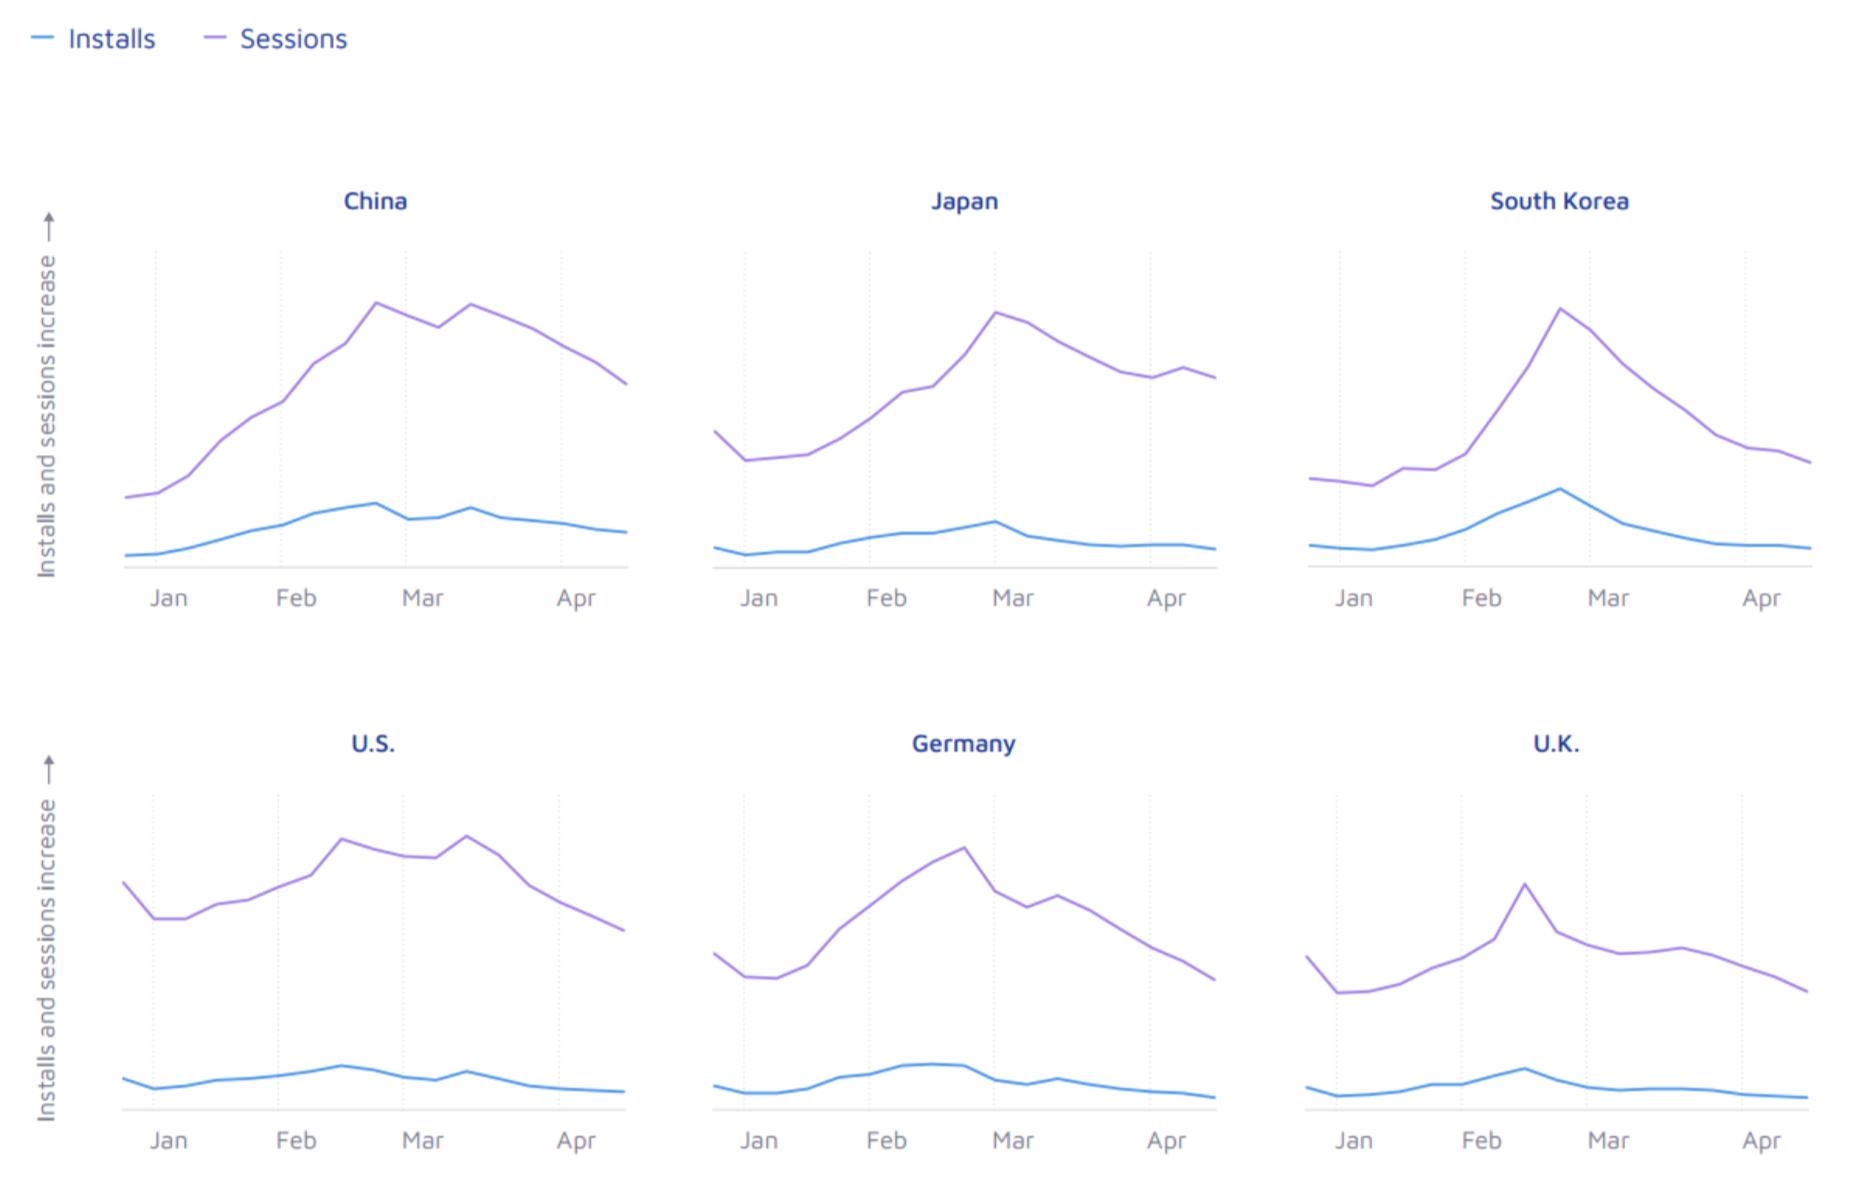 Рост установок и сессий по месяцам в разных странах